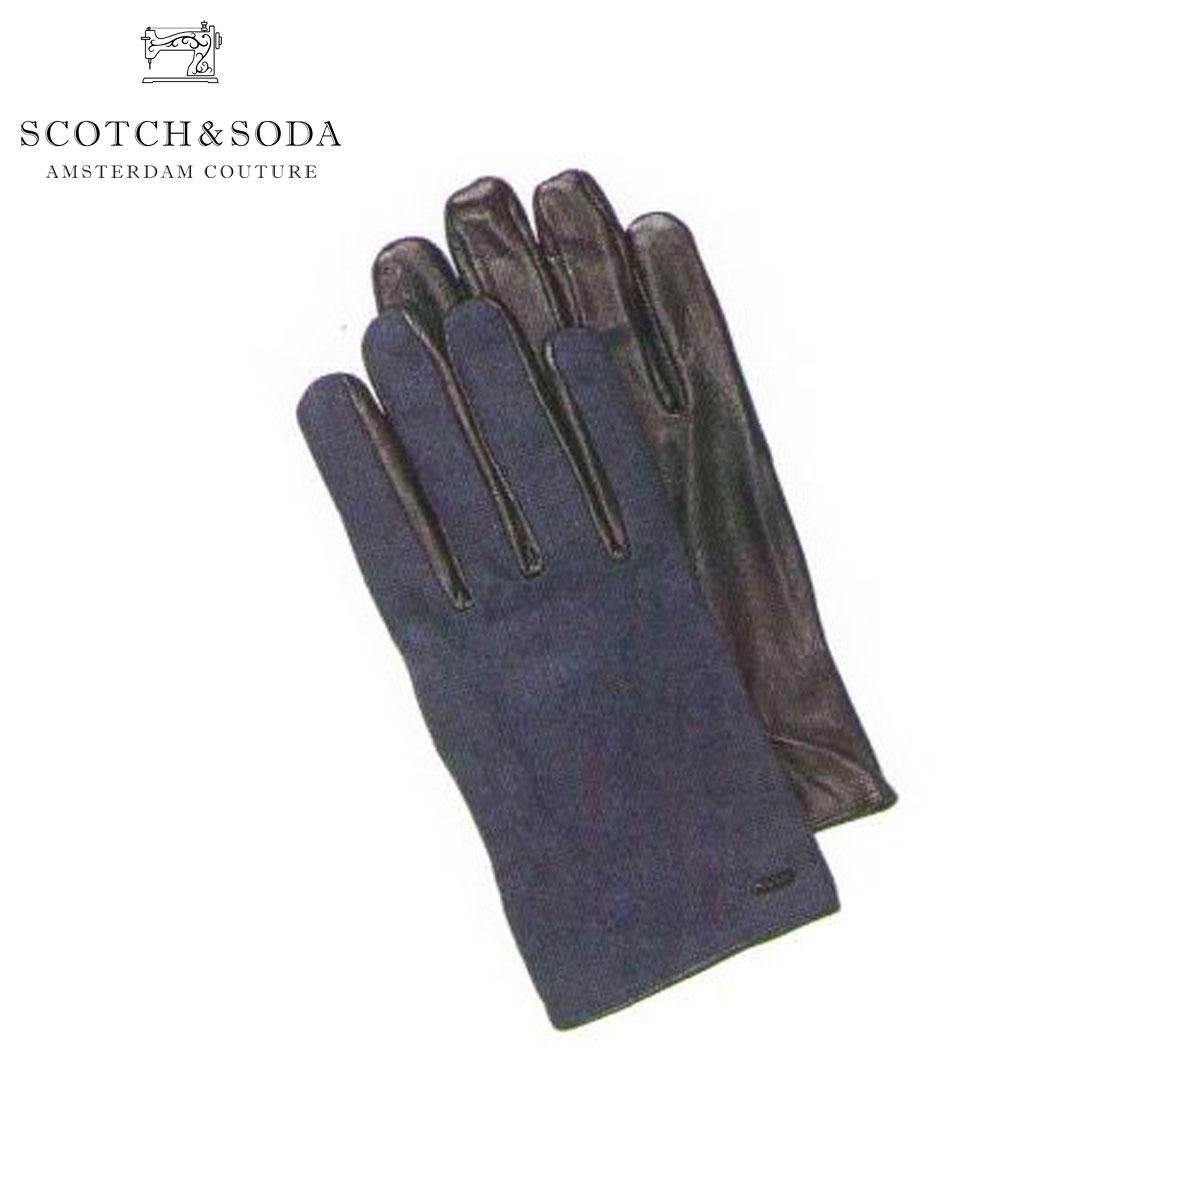 【販売期間 7/9 16:00~7/19 9:59】 スコッチアンドソーダ SCOTCH&SODA 正規販売店 メンズ 手袋 Woolen gloves with leather details 79180 370